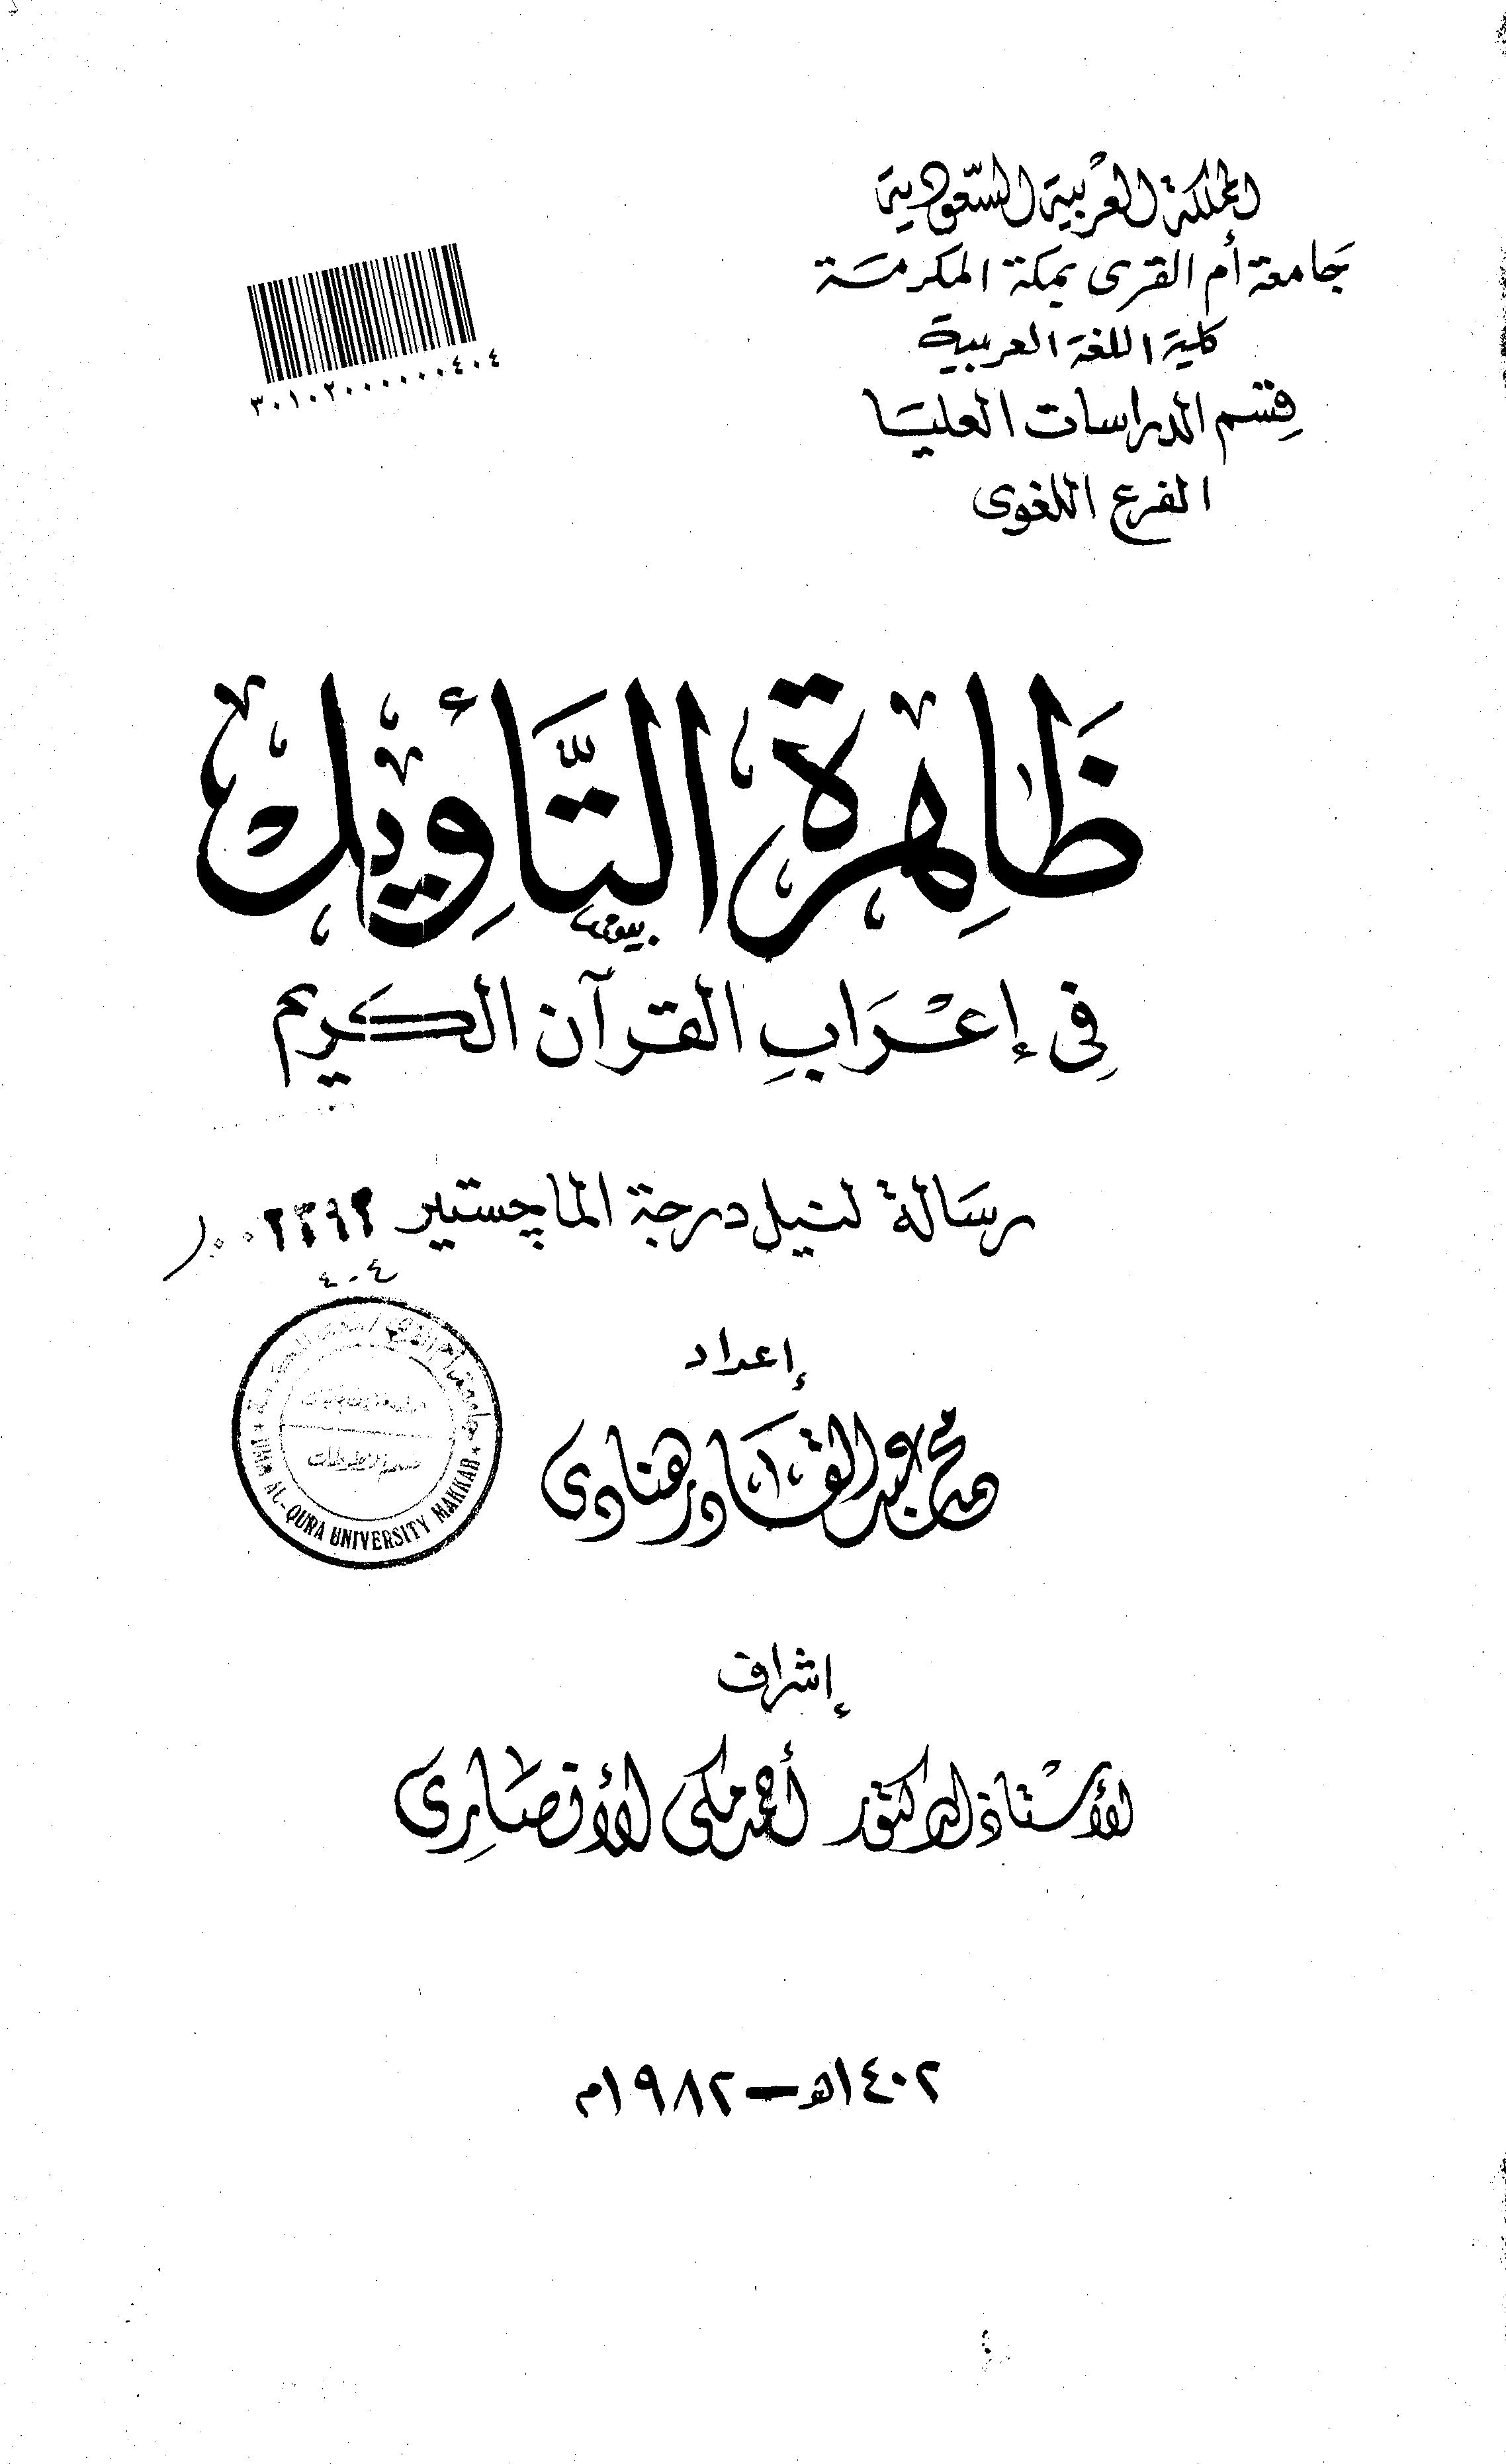 تحميل كتاب ظاهرة التأويل في إعراب القرآن الكريم لـِ: الدكتور محمد عبد القادر هنادي